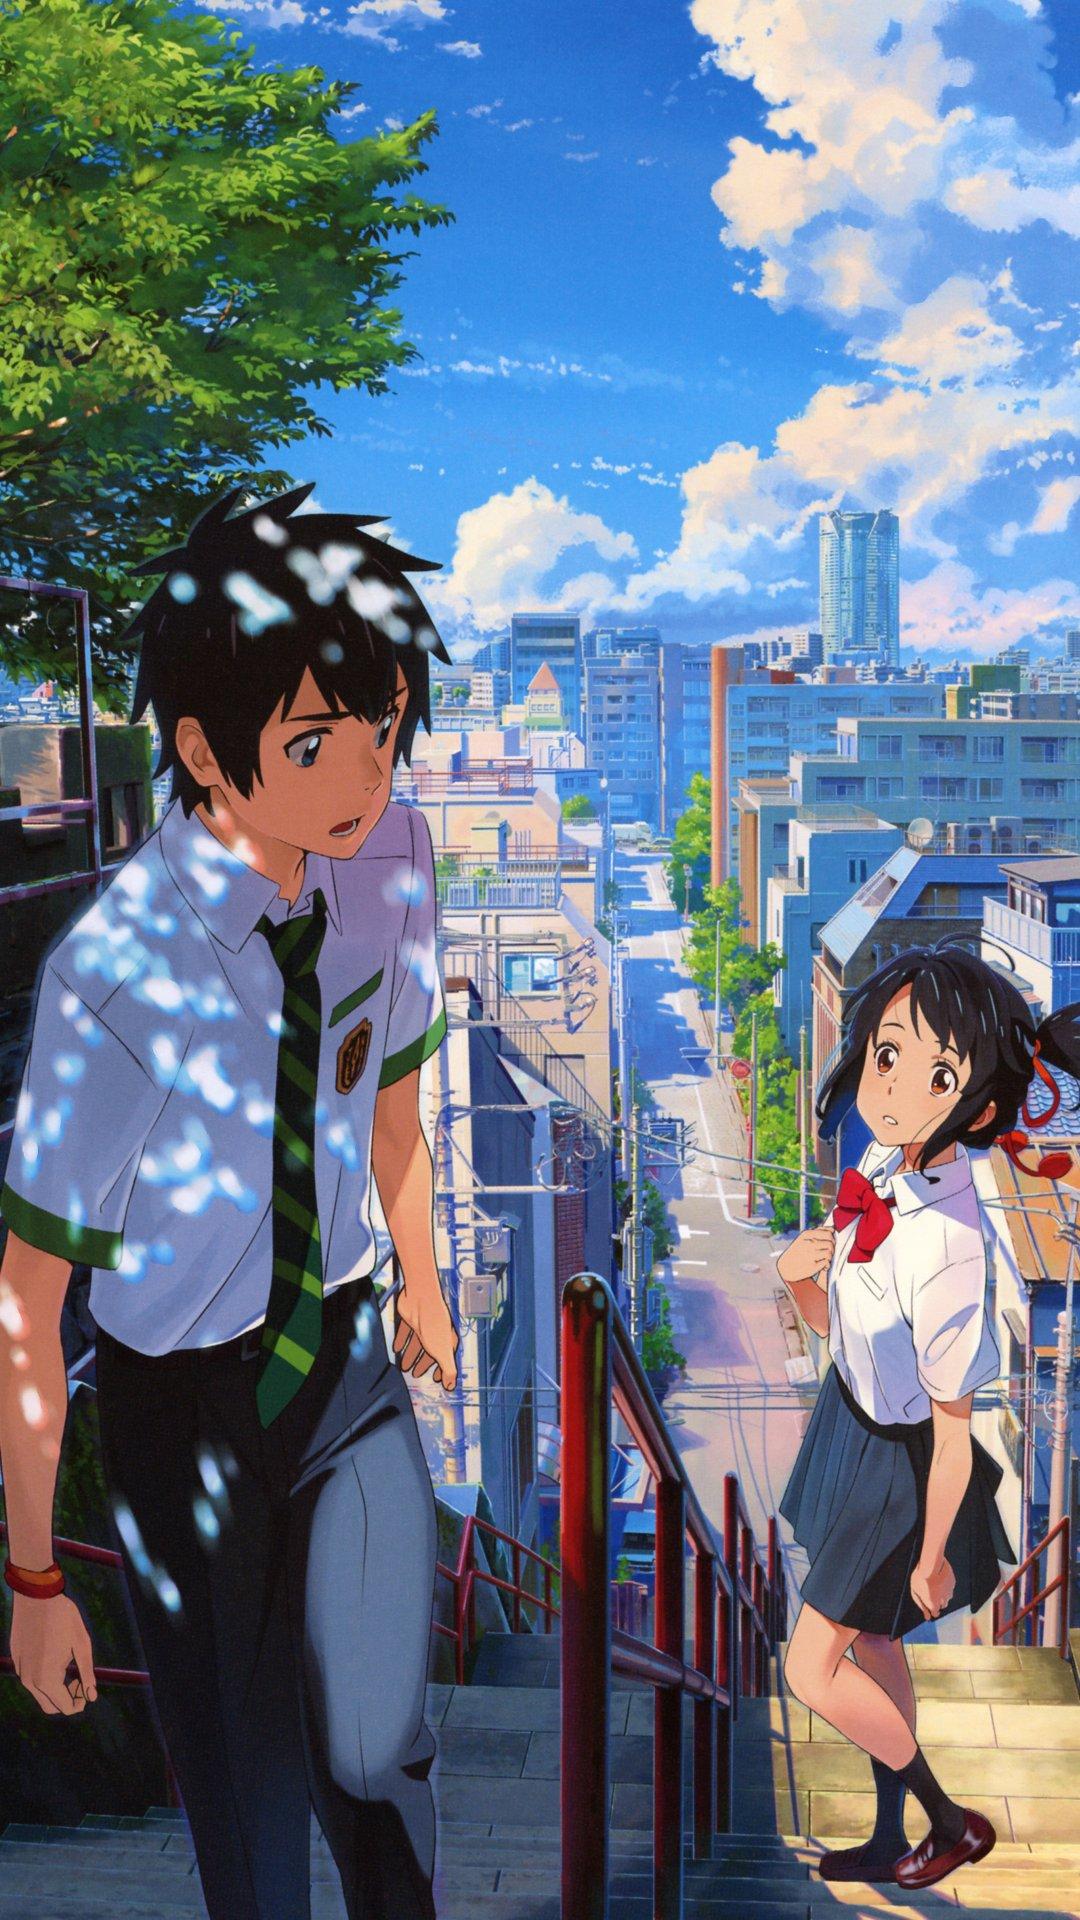 Image Result For Anime Wallpaper Kimi No Na Wa